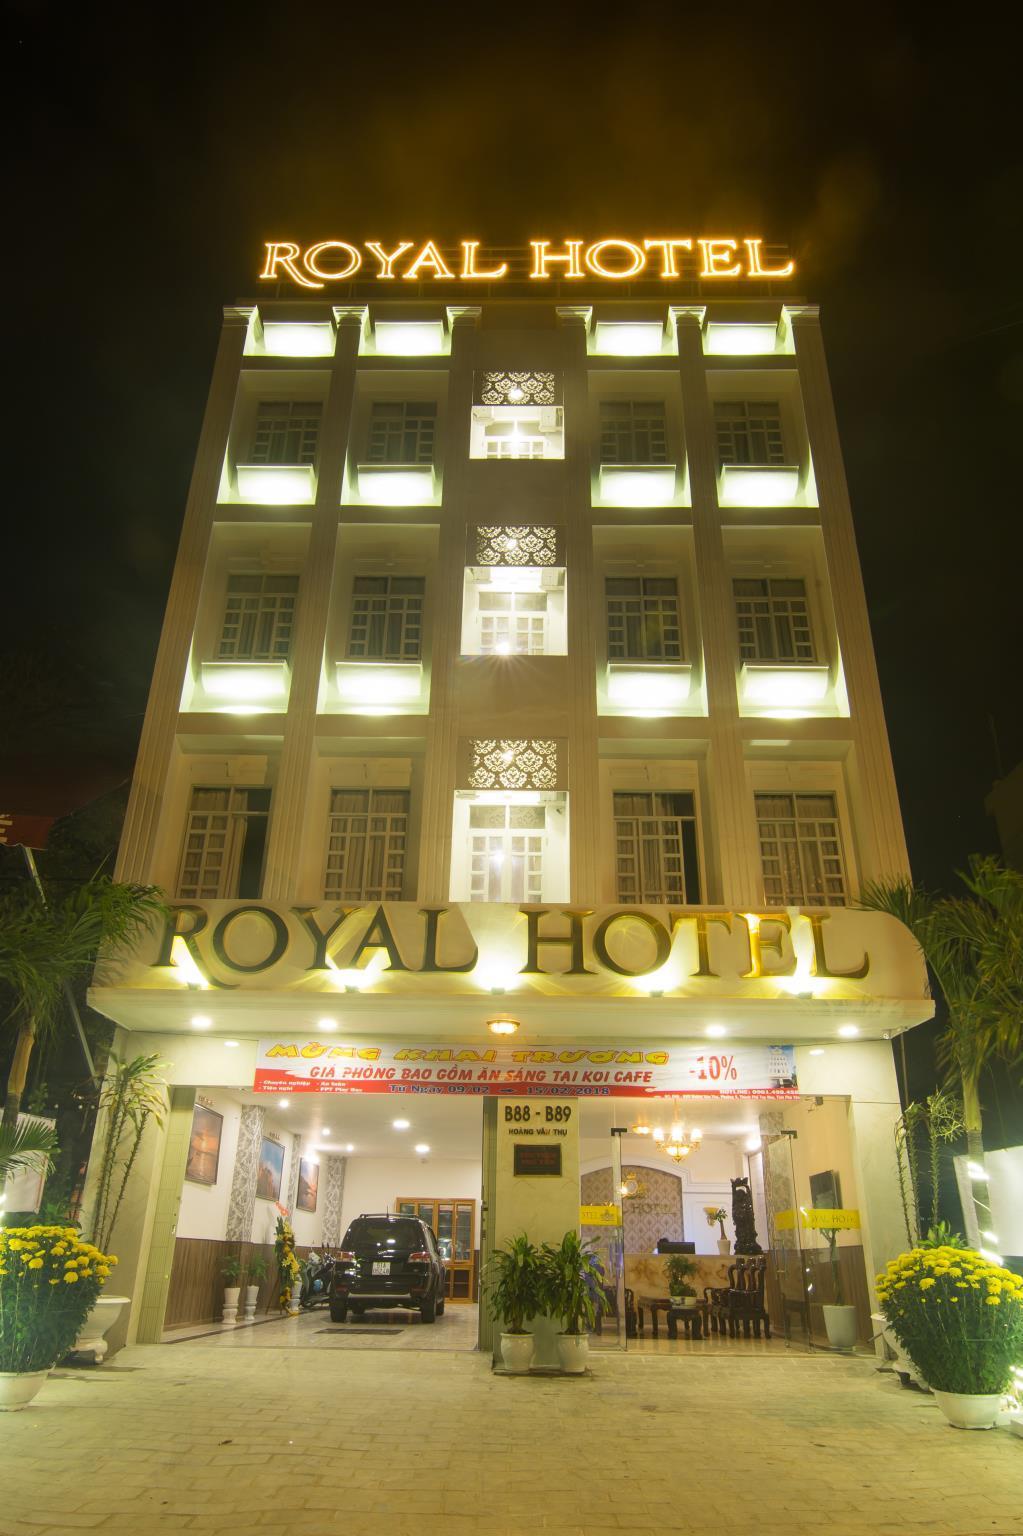 Royal Hotel, Tuy Hoa